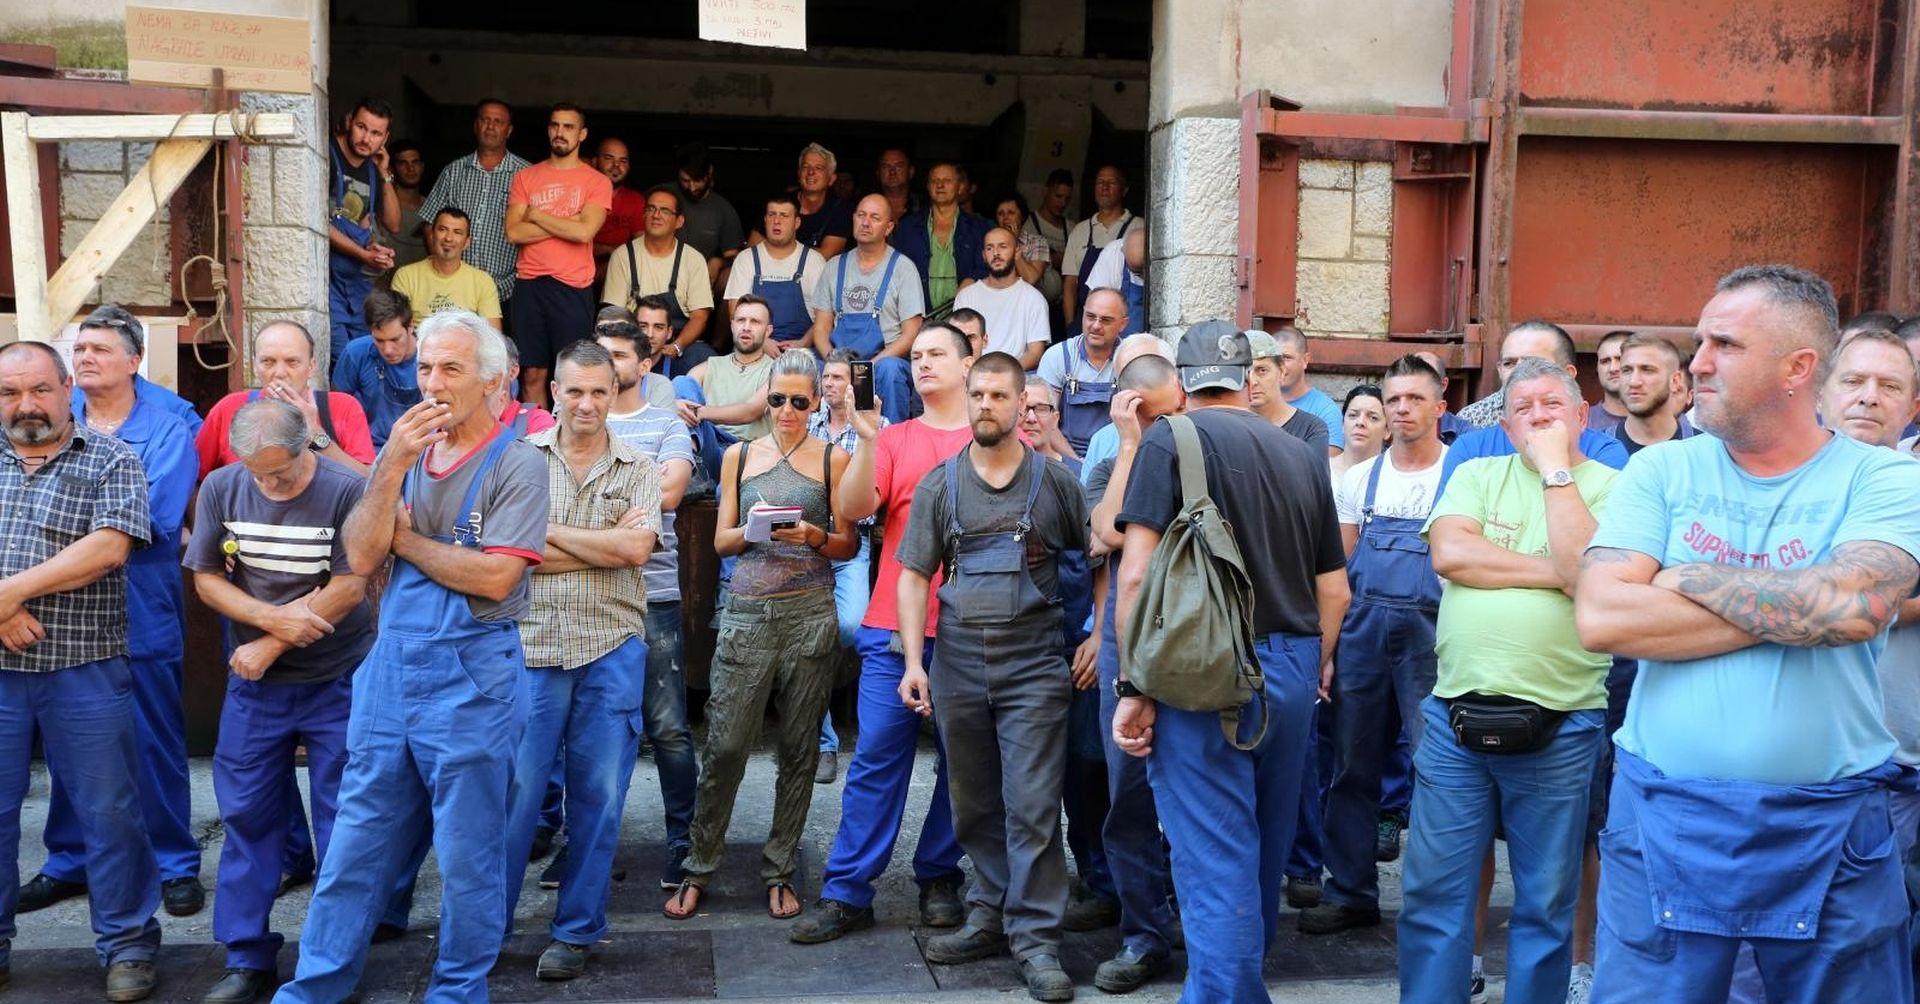 Nastavljen štrajk u 3. maju, radnici se pripremaju za prosvjed u Zagrebu